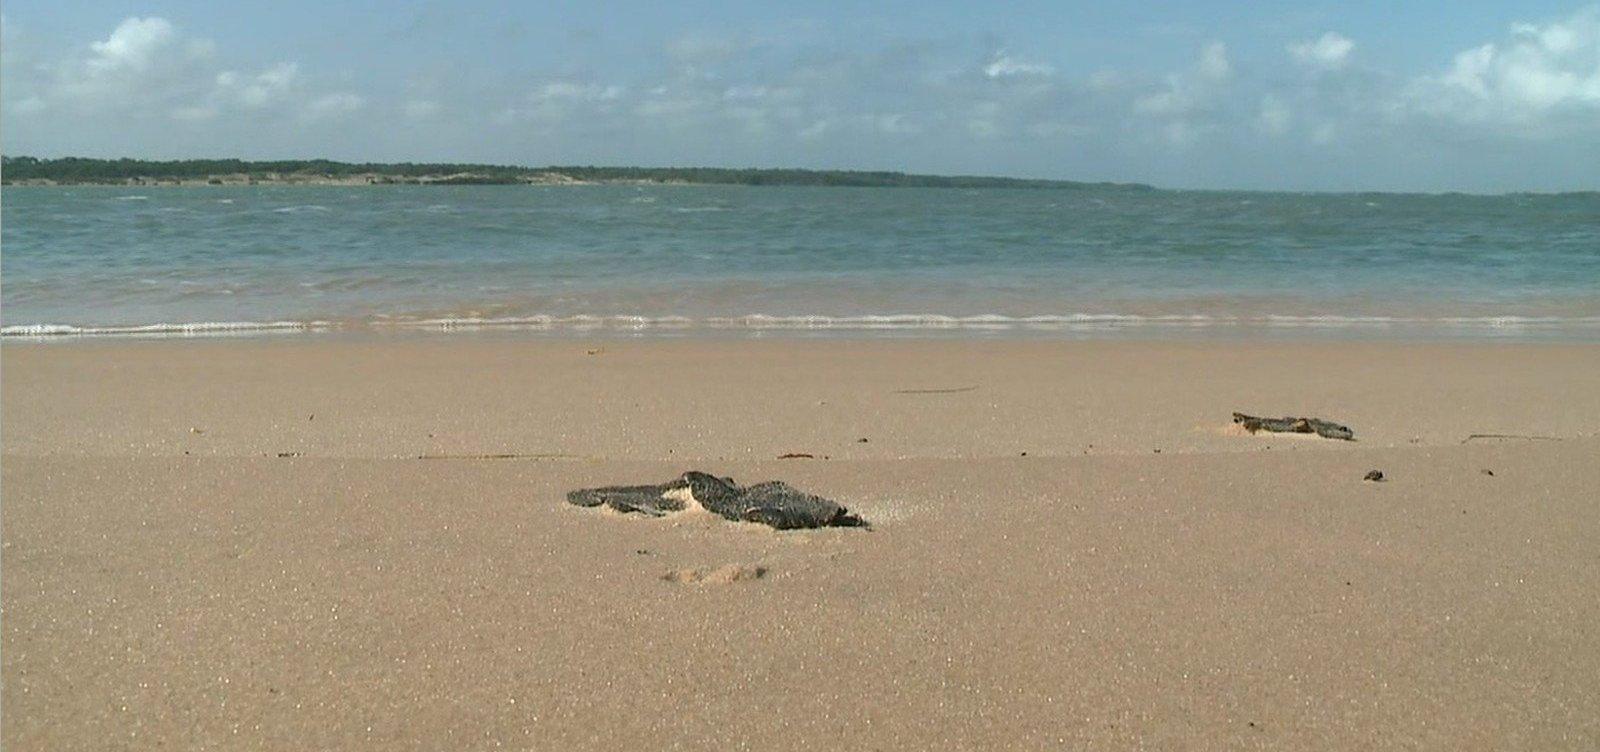 [Ufba: Número de animais vivos no litoral norte da Bahia reduziu em 65% após manchas de óleo]